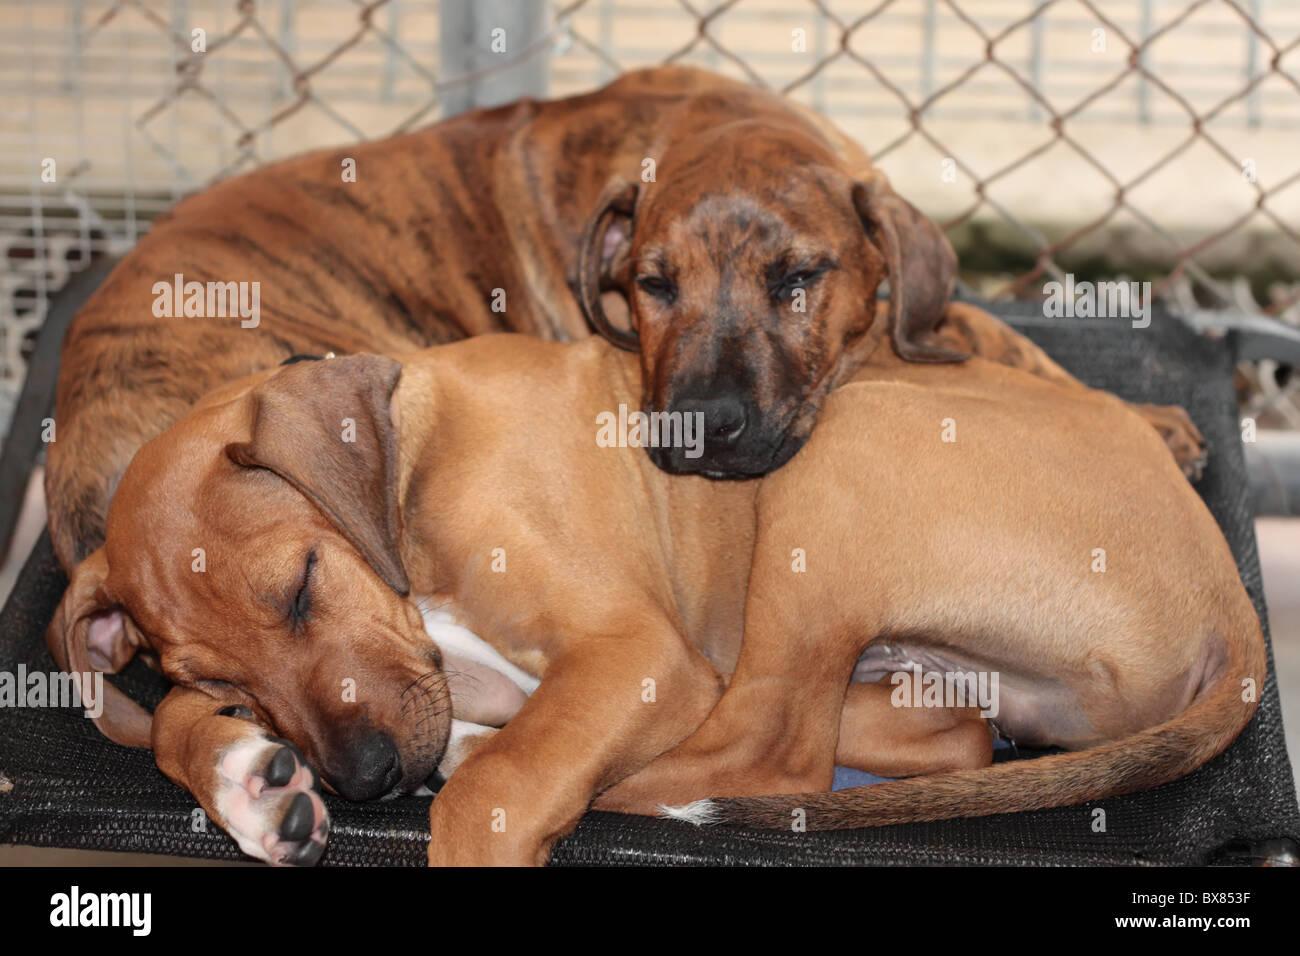 Cute Sleeping Beauties - Stock Image